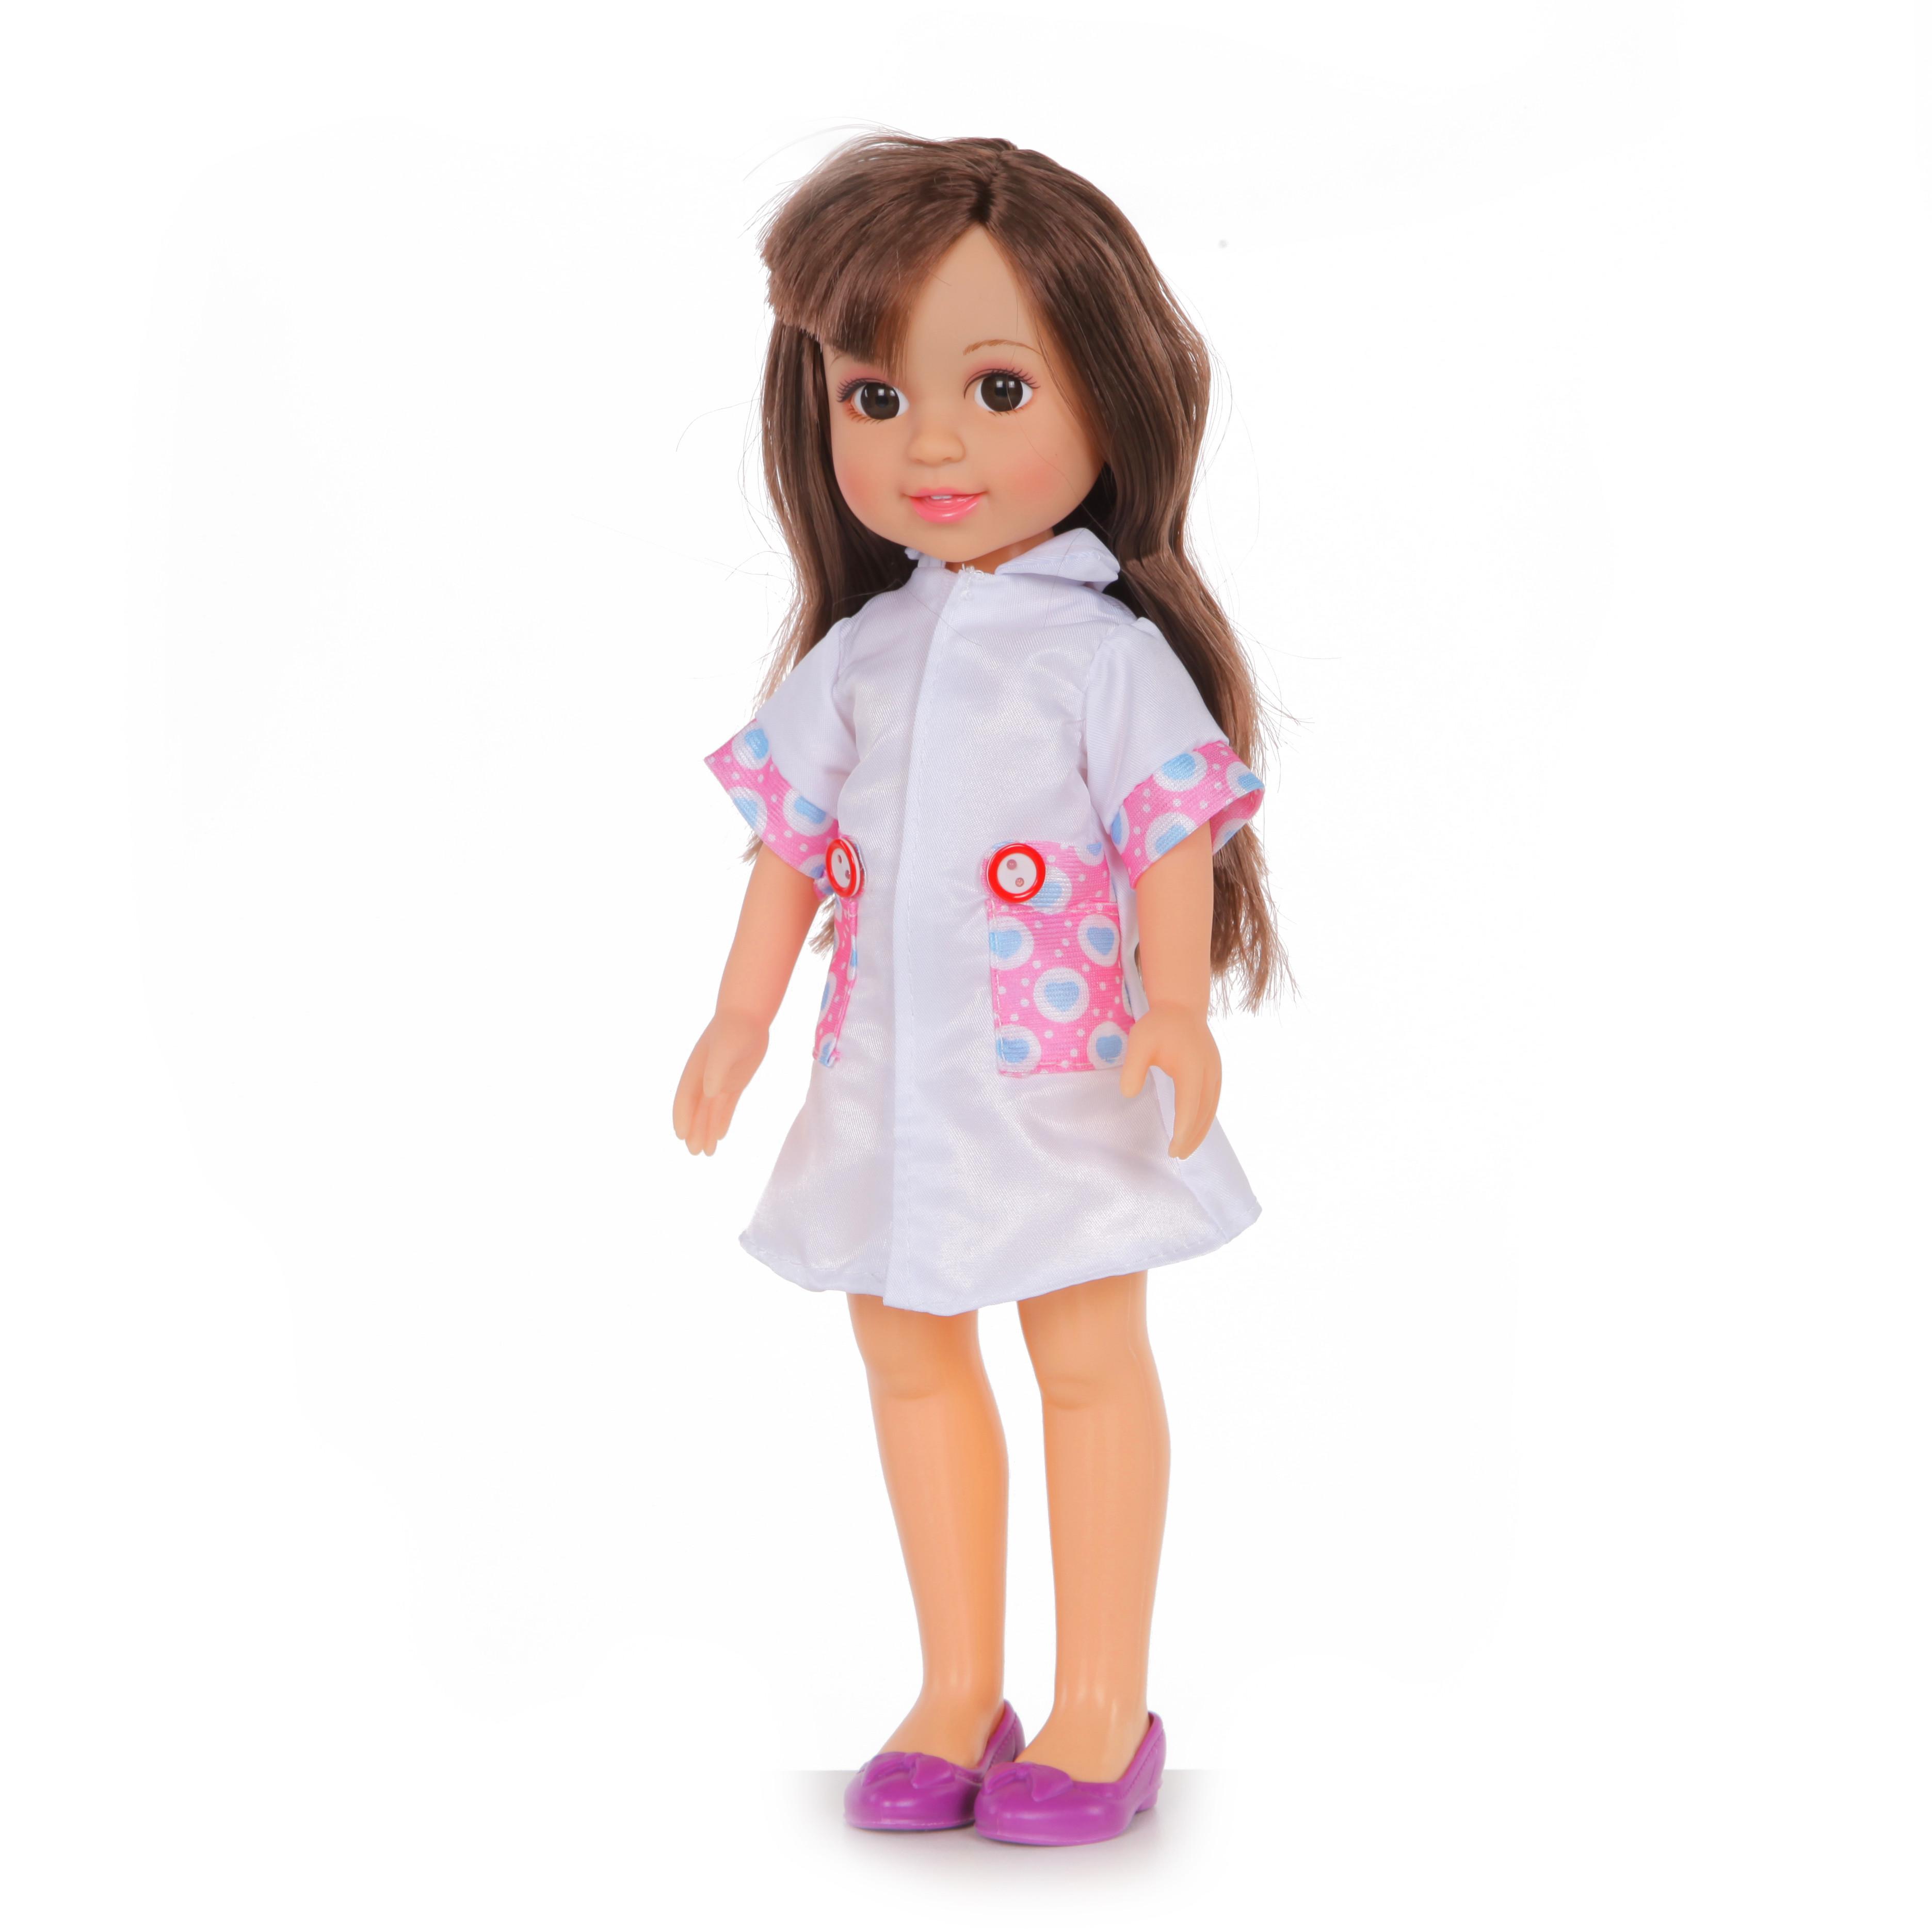 Кукла YAKO Jammy Доктор кукла yako jammy доктор m6309